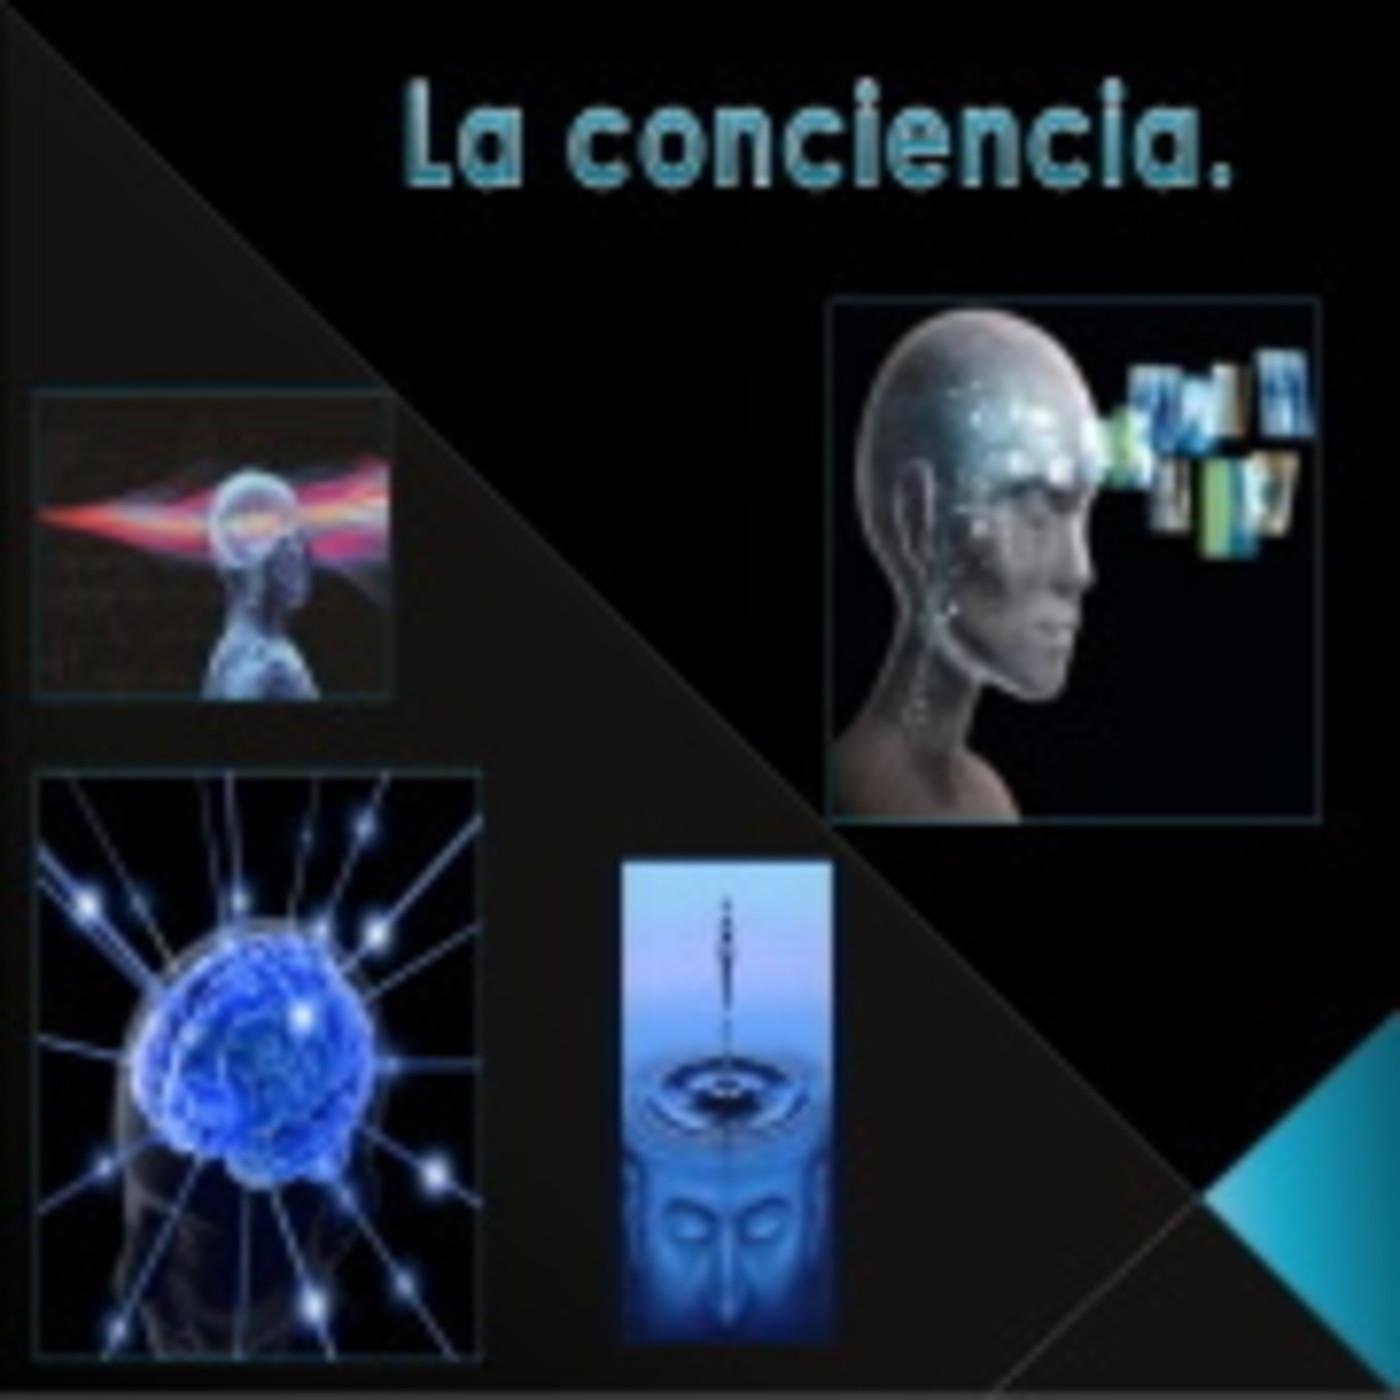 Descifrar la conciencia